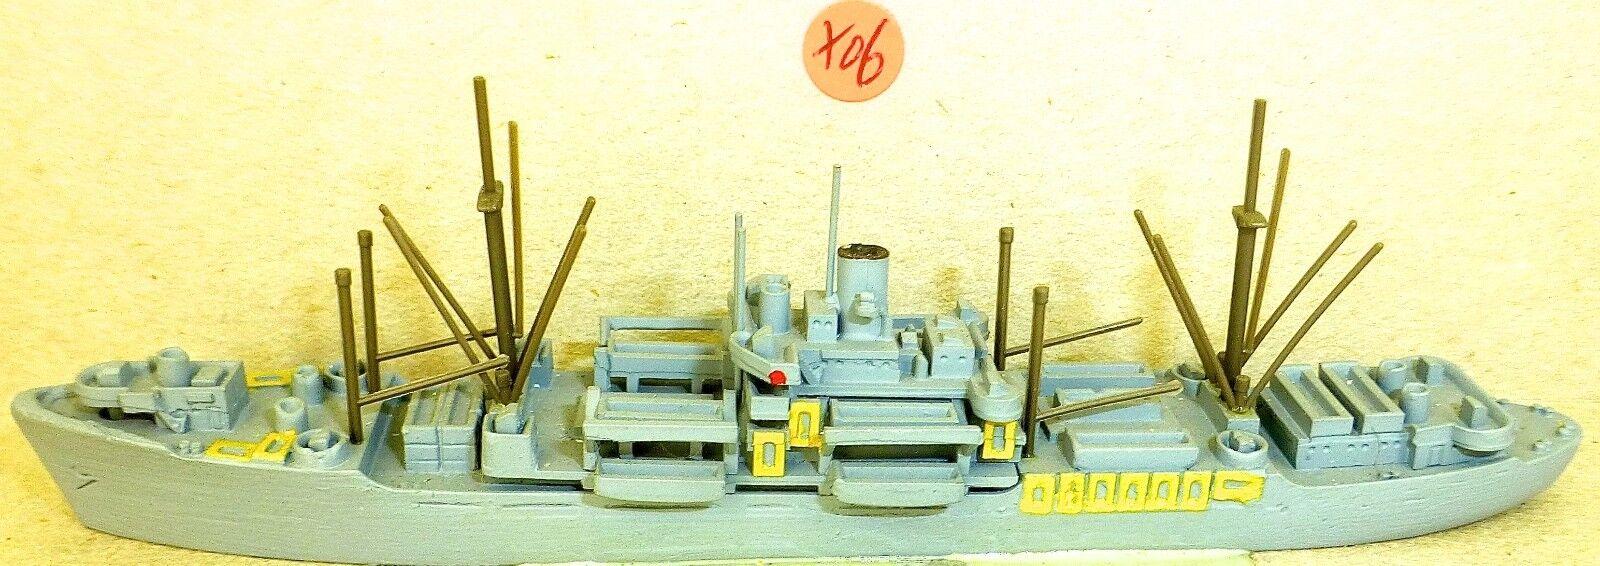 sizedega Hansa 73 Ship Model Model Model 1 1250 shpx06 Å 309438